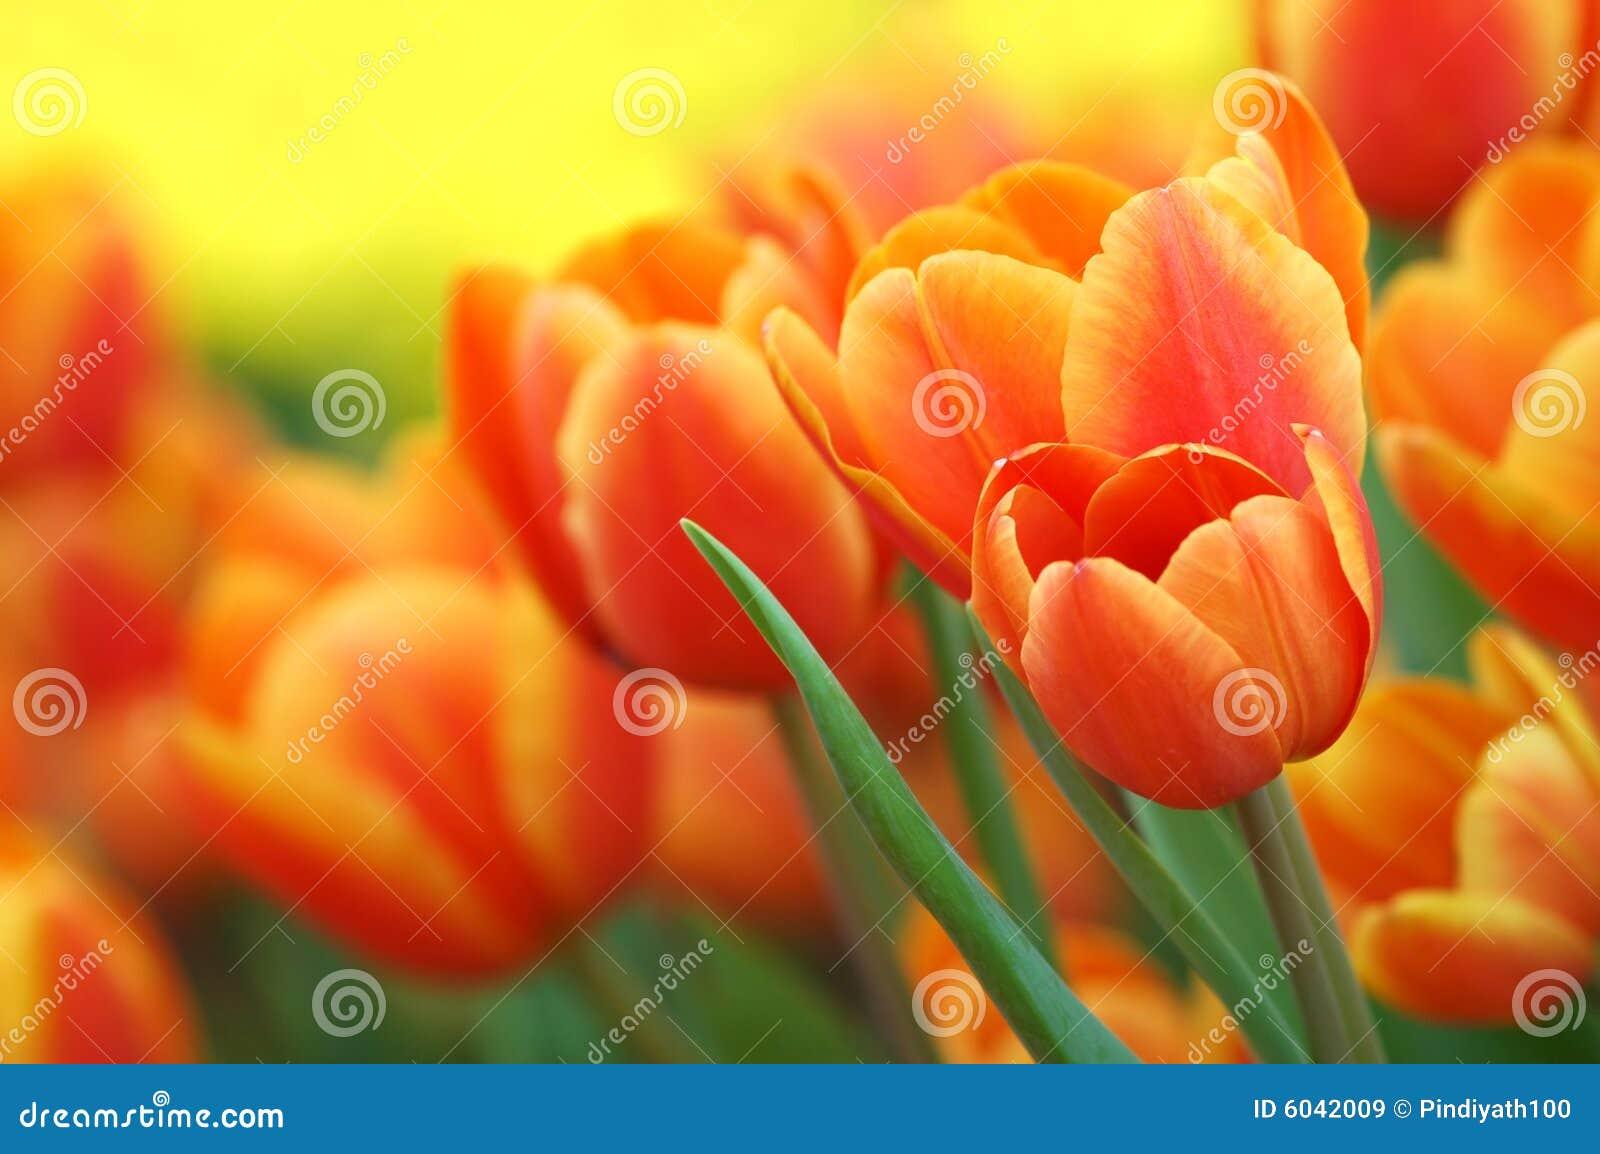 Tulipes oranges dans le jardin